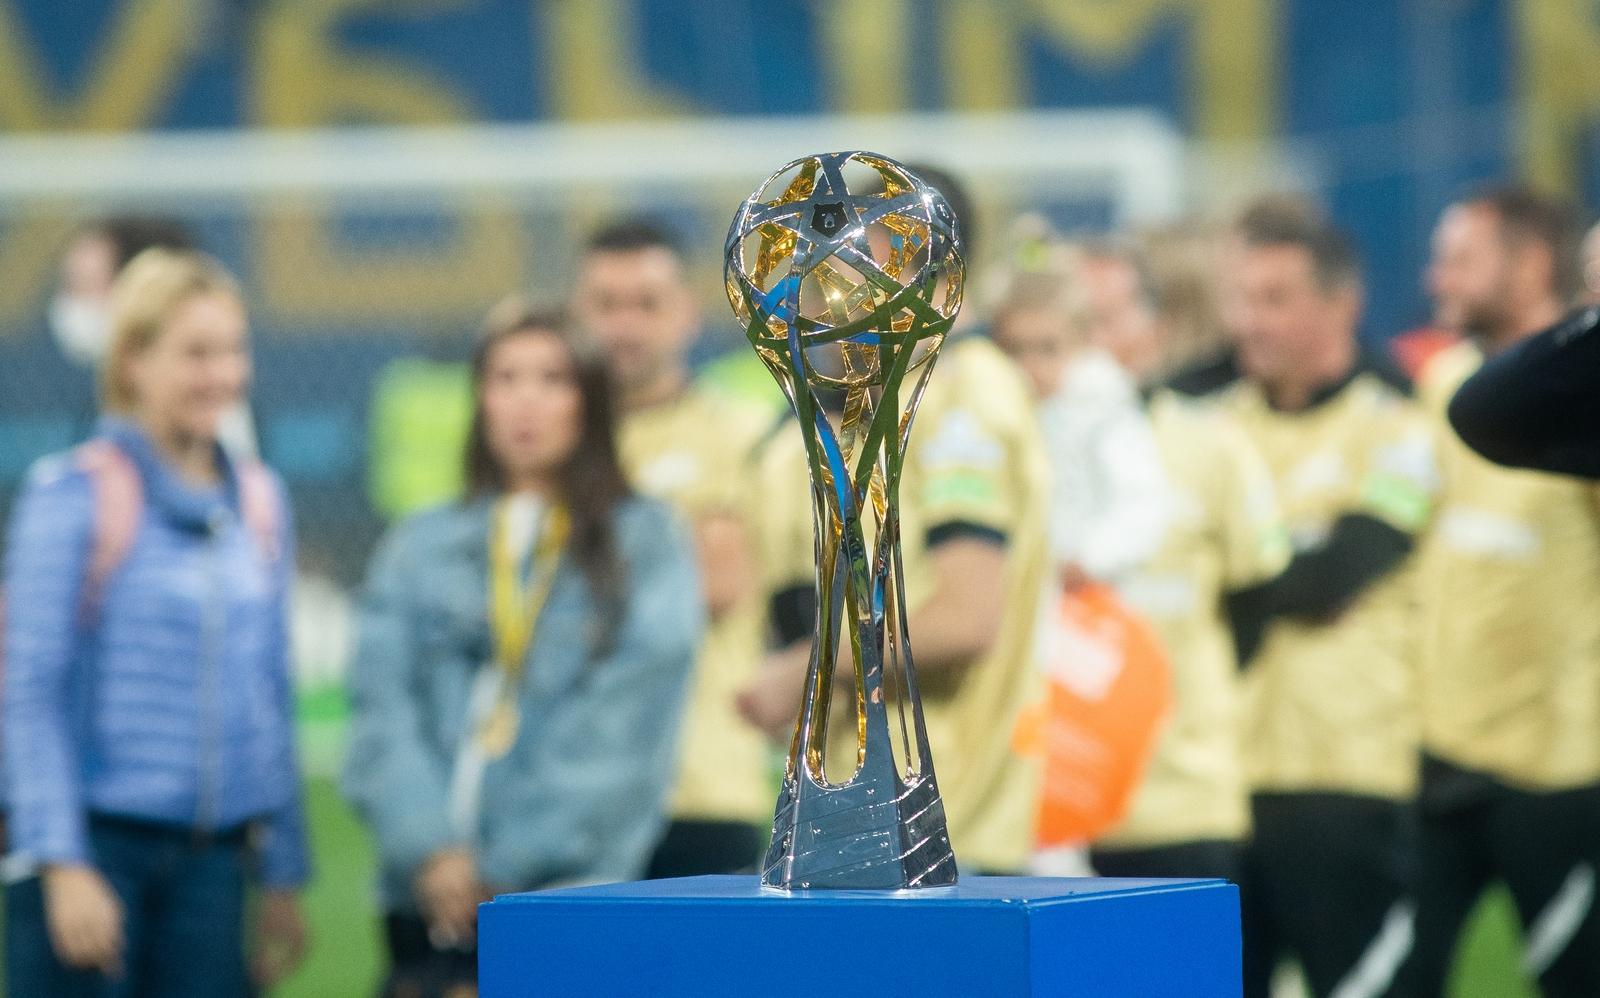 Скандалы, реформы, гегемония Зенита: Чего ждать от нового сезона чемпионата России по футболу